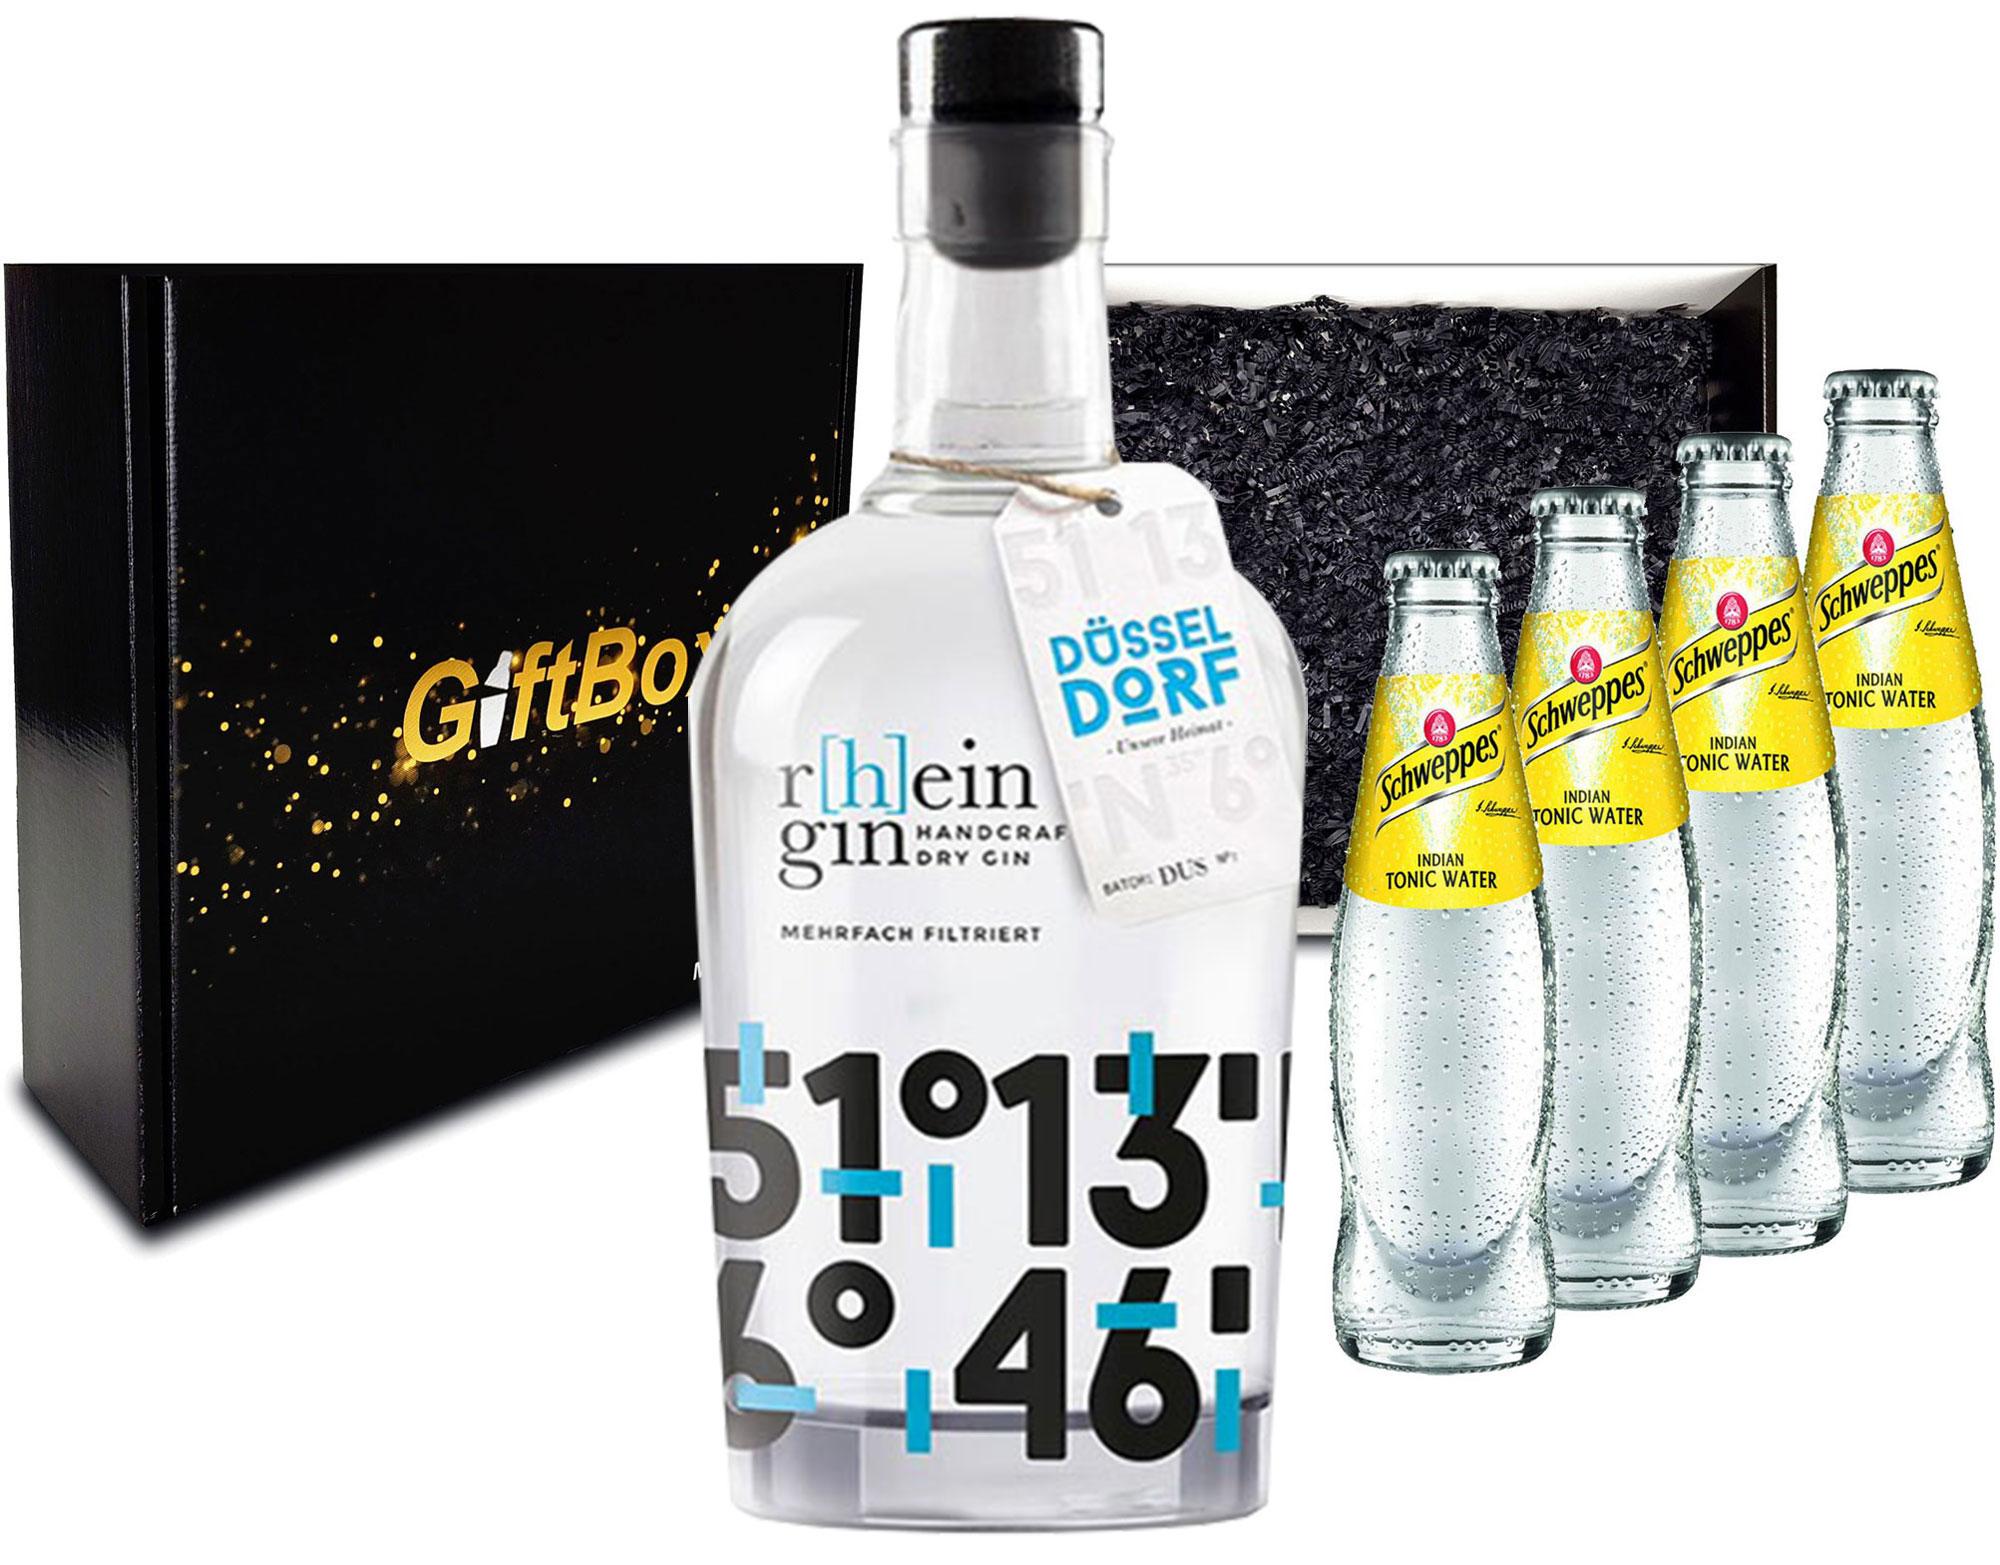 Gin Tonic Giftbox Geschenkset - r[h]eingin Handcrafted Dry Gin 0,5l 500ml (46% Vol) + 4x Schweppes Tonic Water 200ml inkl. Pfand MEHRWEG- [Enthält Sulfite]